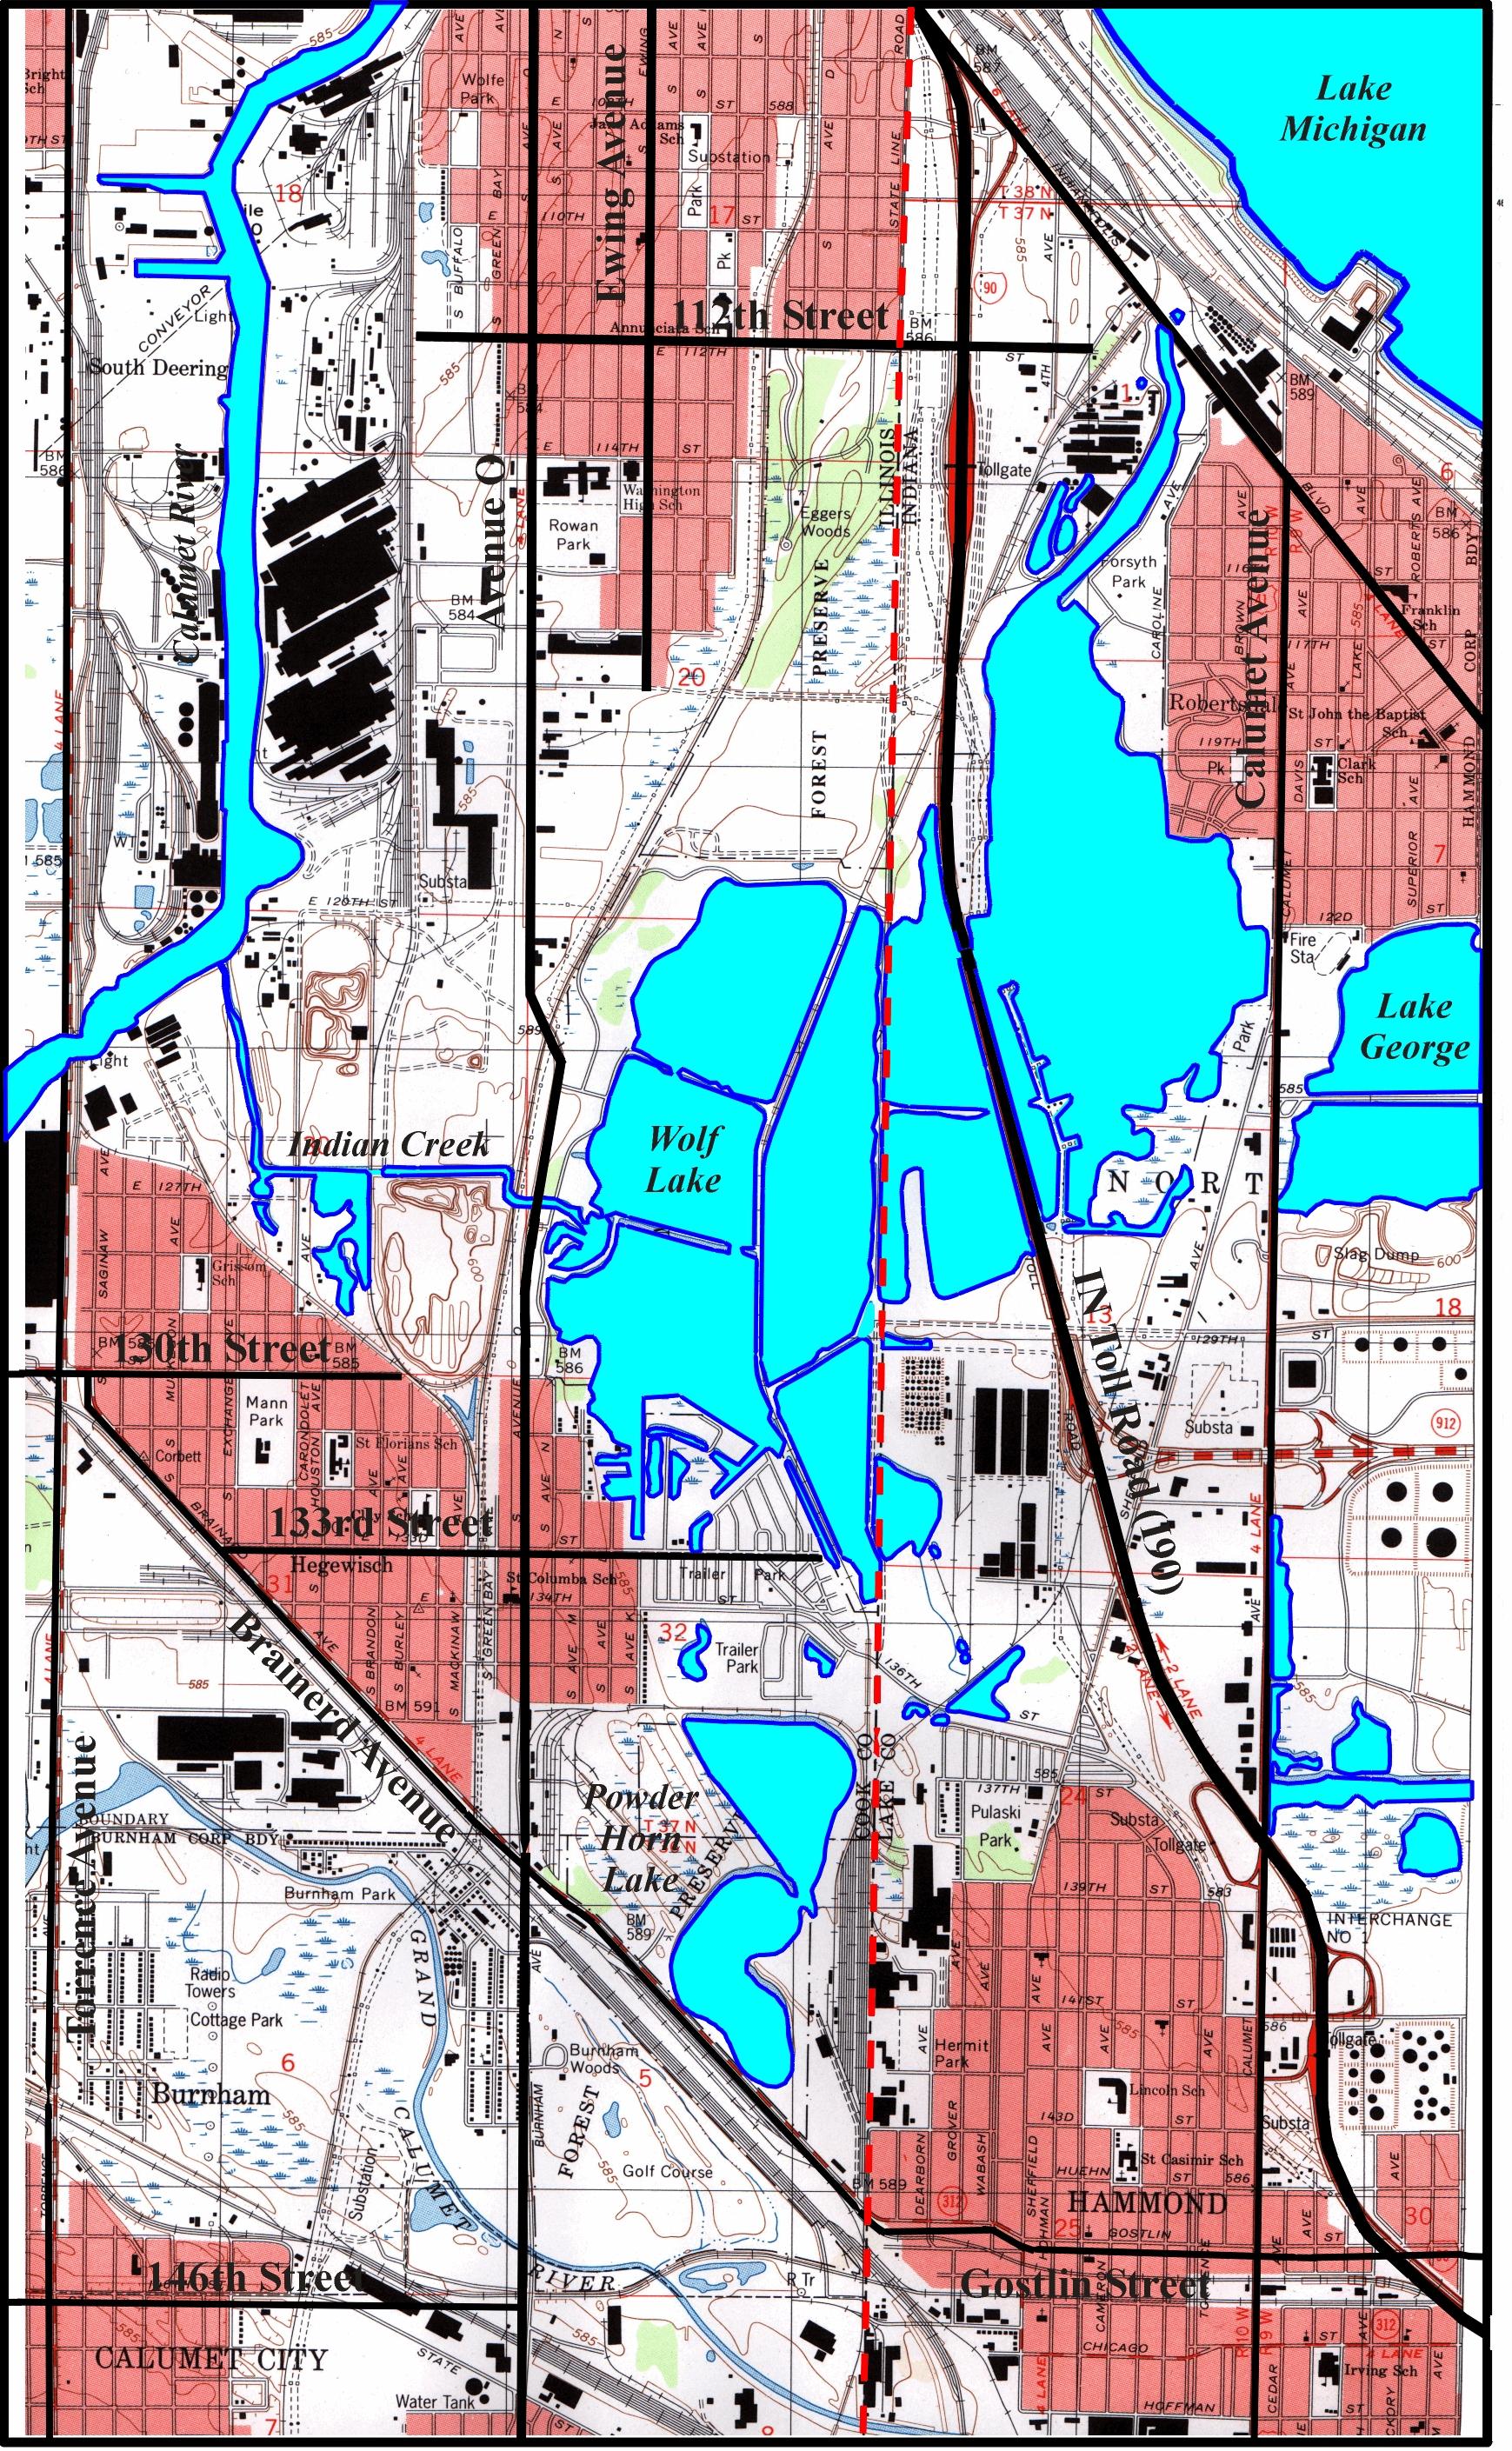 Illinois Wolf Lake Wolf Lake Environs Csu/cerc